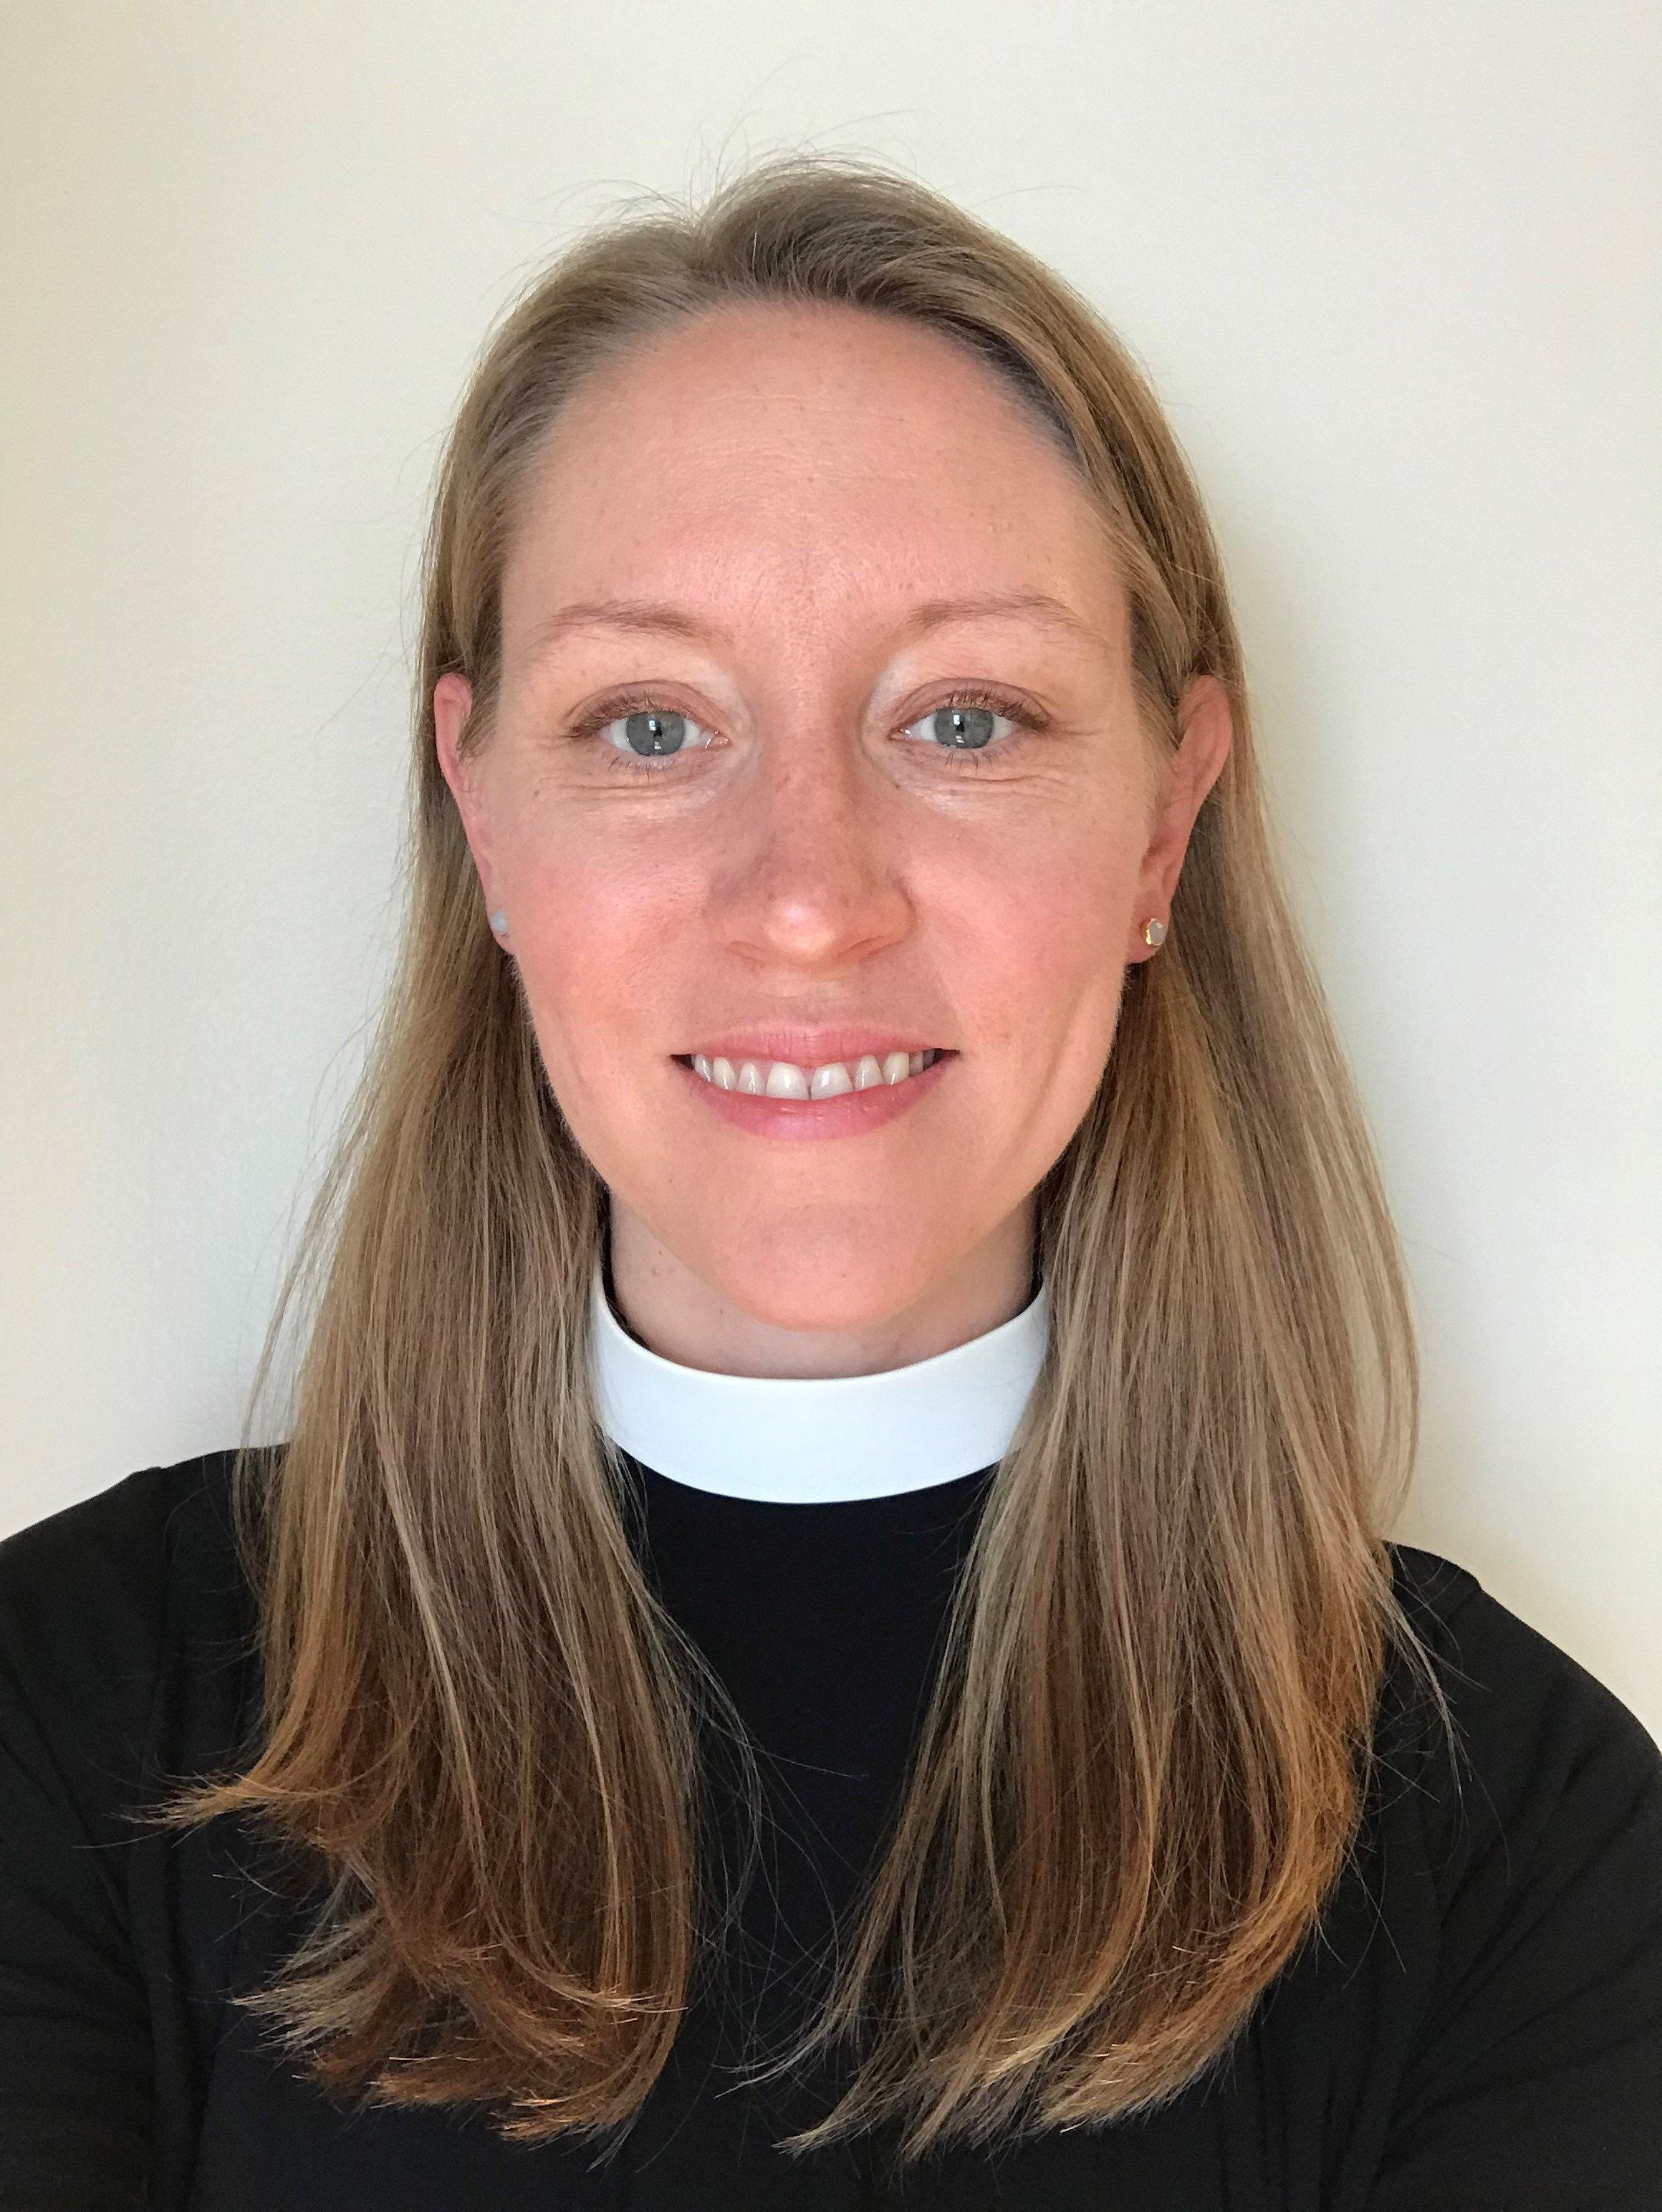 The Rev. Beth Martini